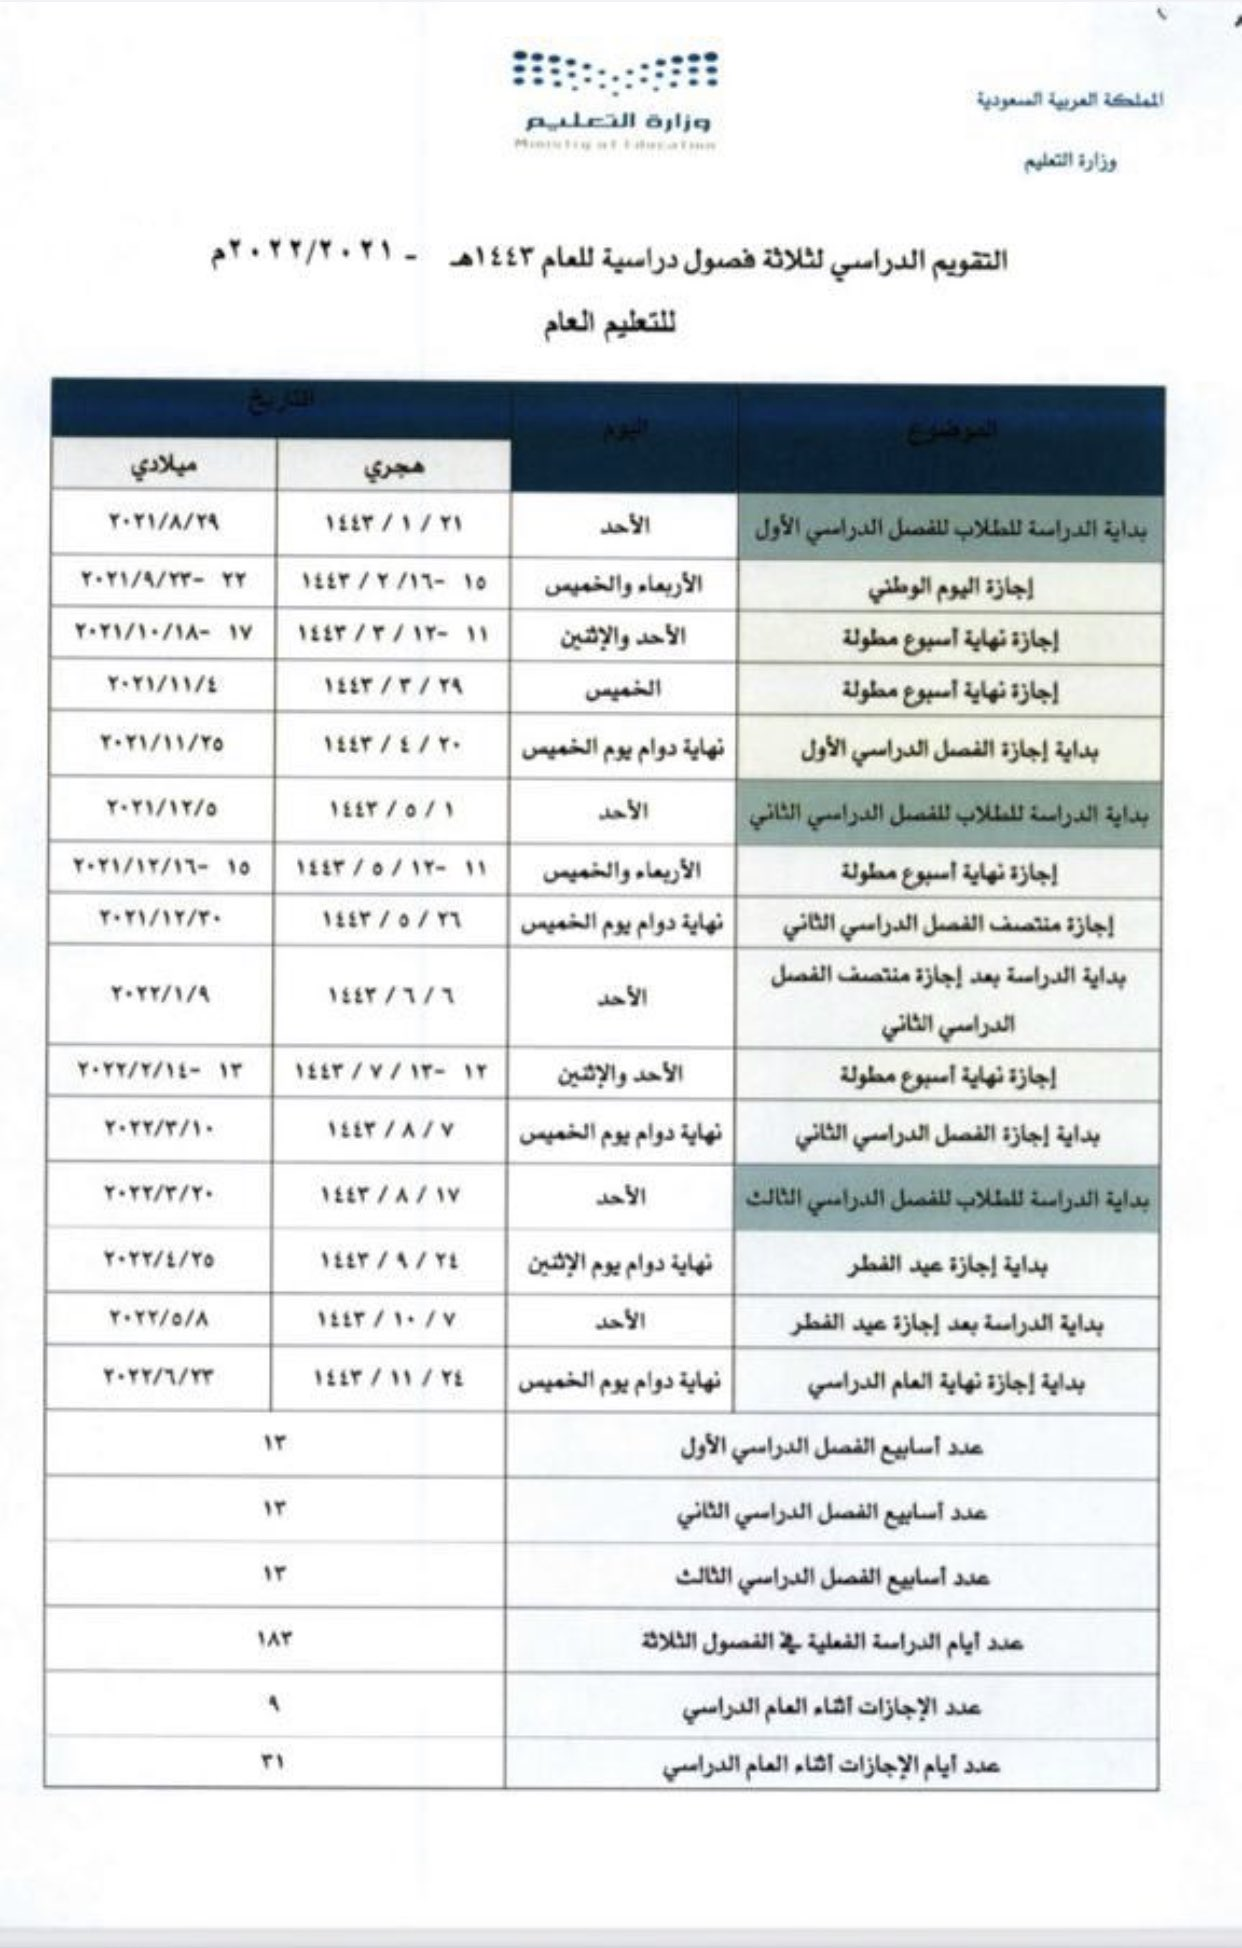 تقويم العام الدراسي 1443